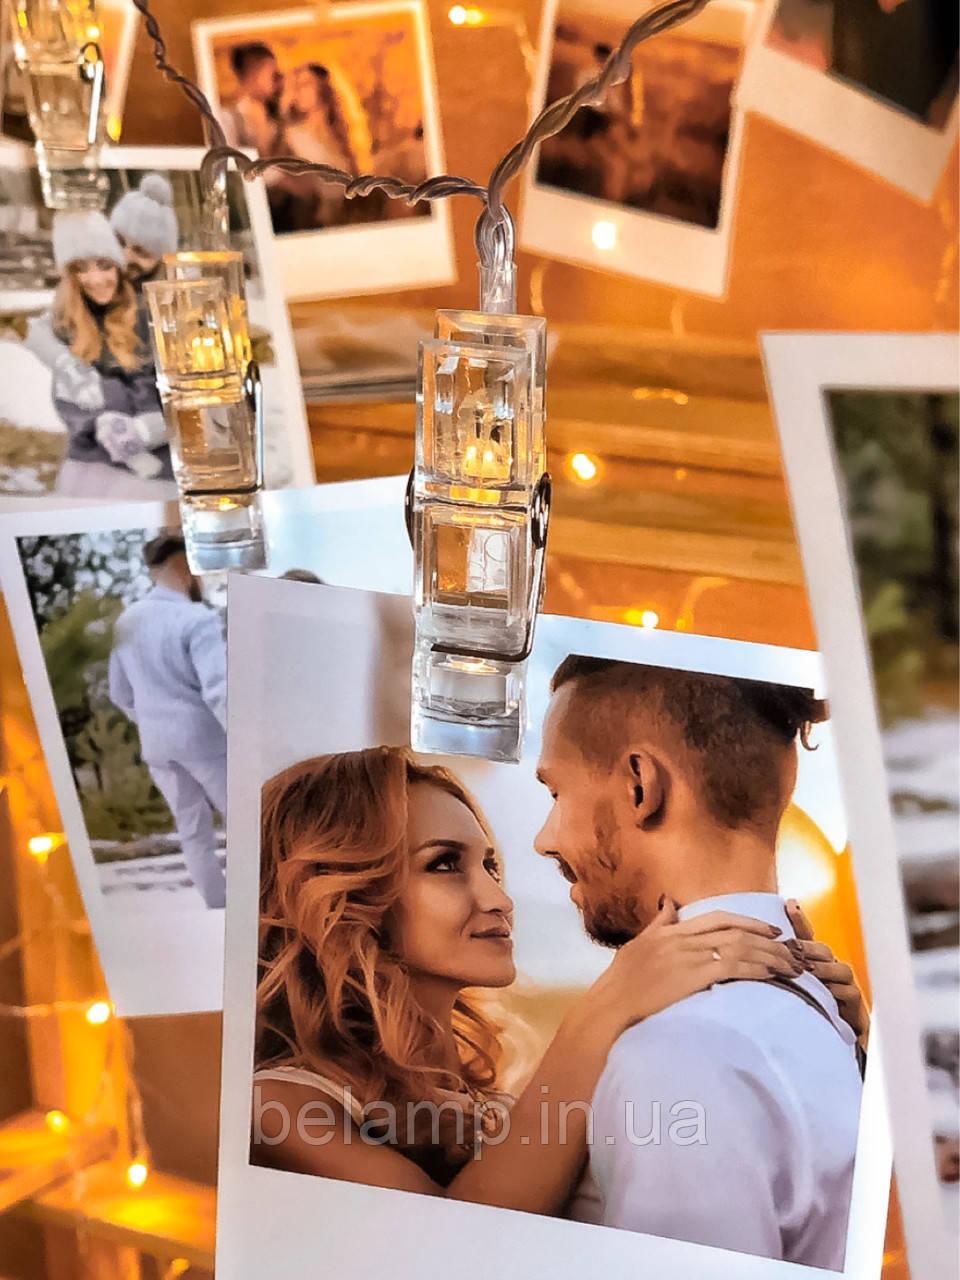 Светодиодная свадебная гирлянда на батарейках  в виде прищепок для фотографий